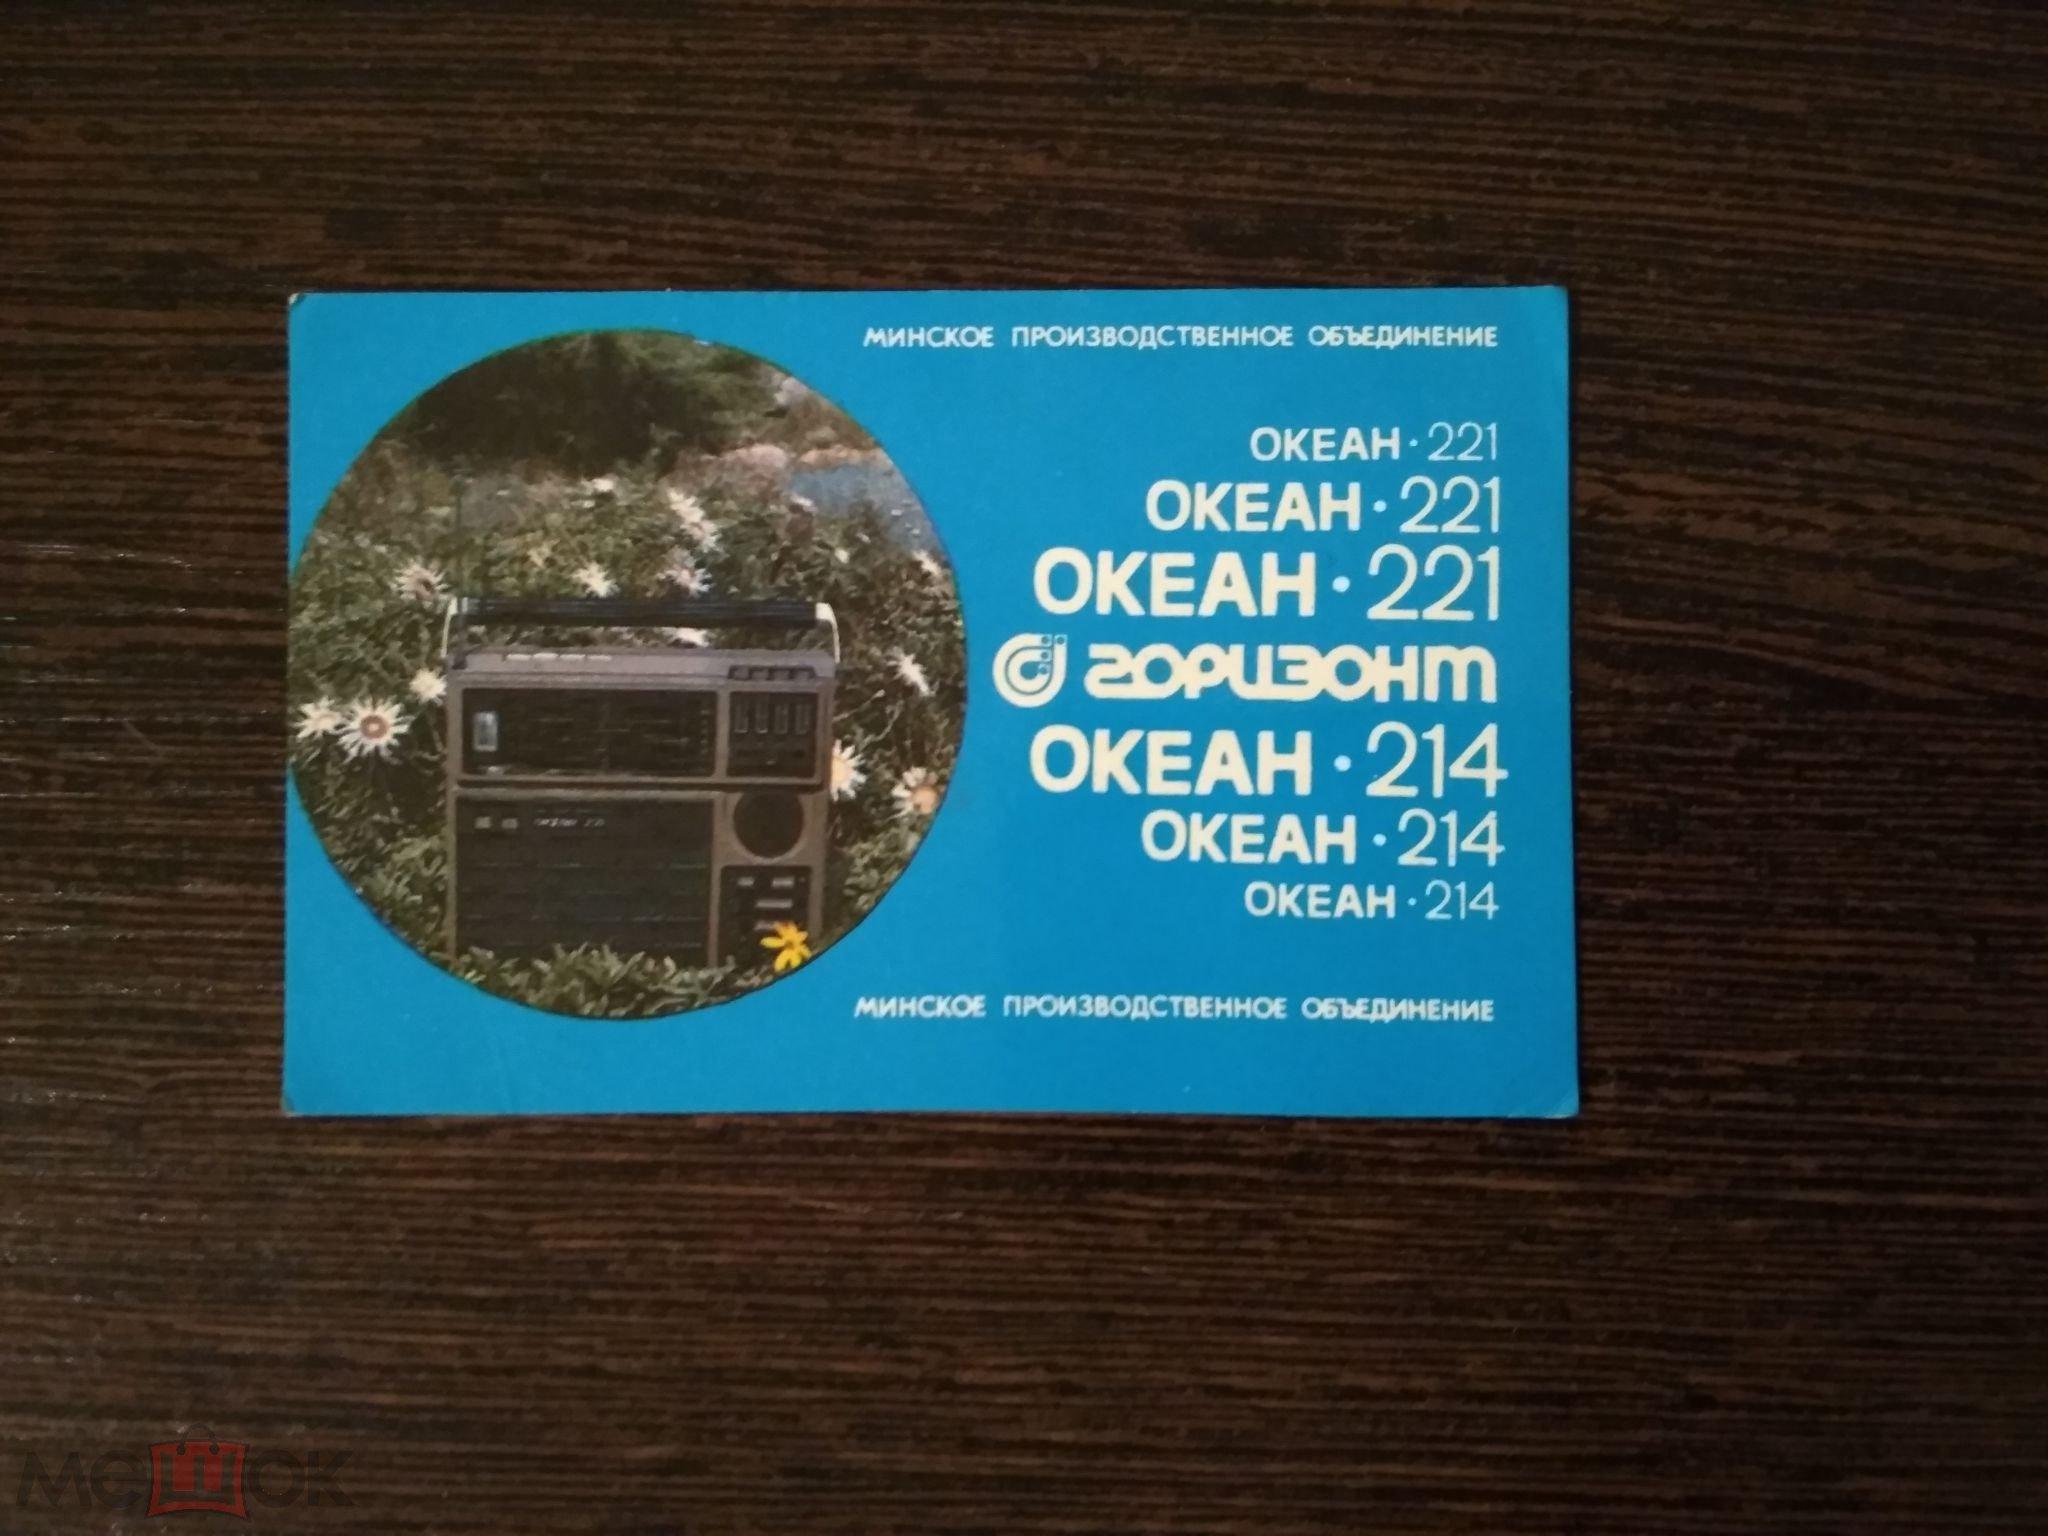 Океан 221,Горизонт, Океан 214 1985